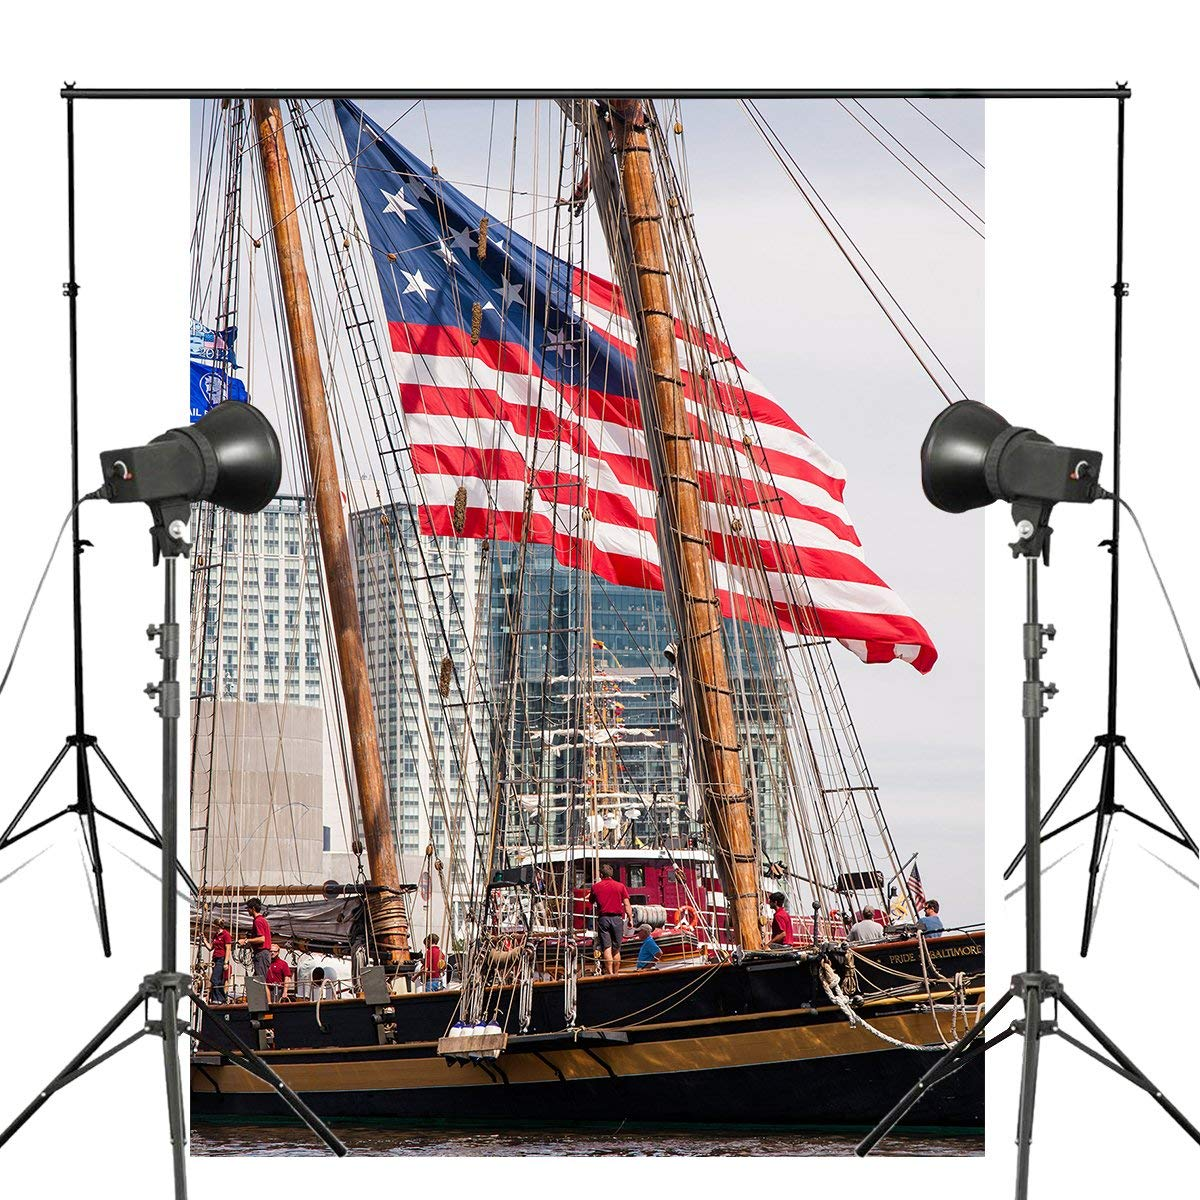 Высокий корабль фотографии реквизит для студии, фон стены реки воды фон 5x7ft-in Аксессуары для фотостудии from Бытовая электроника